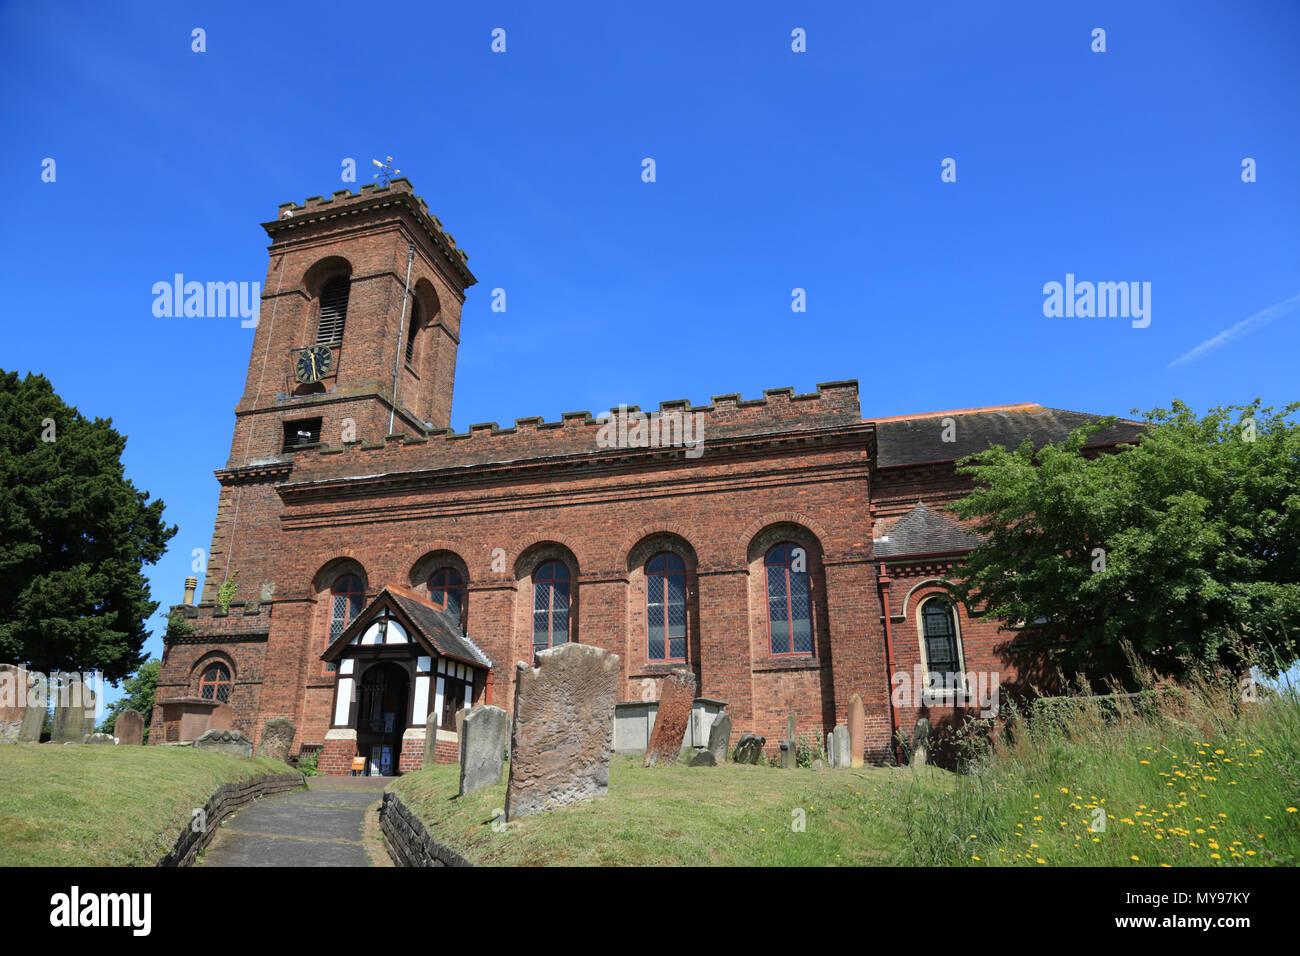 St. John`s church, Wolverley, Kidderminster, UK. - Stock Image